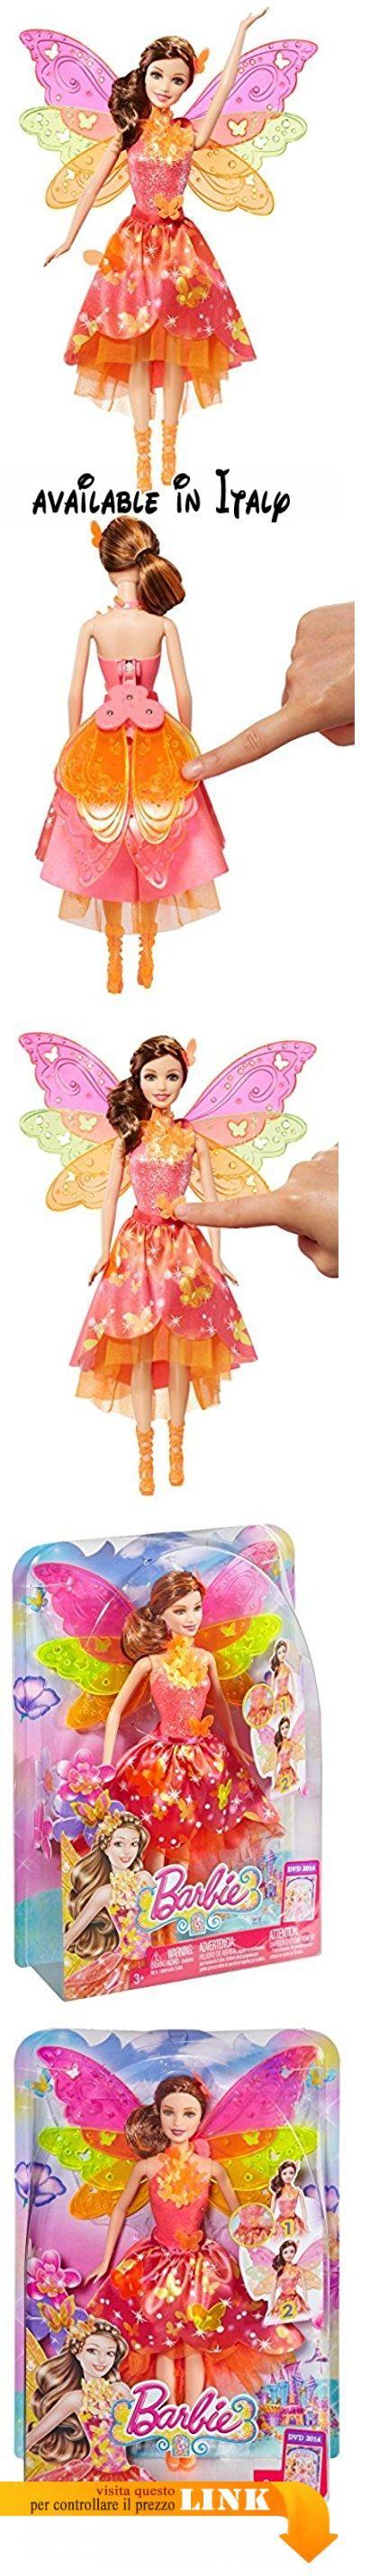 """Barbie CKN75 - Fatina Trasformazioni Magiche. Dal nuovo film """"Barbie e la porta segreta"""". Fata magica con ali meravigliose. Premendo un pulsante la bambola spiega le ali magicamente. La magica sirena indossa un'elegante collana e fermaglio per capelli abbinato che luccica in colori neon come l'intero outfit. Fatina magica e sirenetta insieme garantiscono un doppio divertimento #Giocattolo #TOYS_AND_GAMES"""